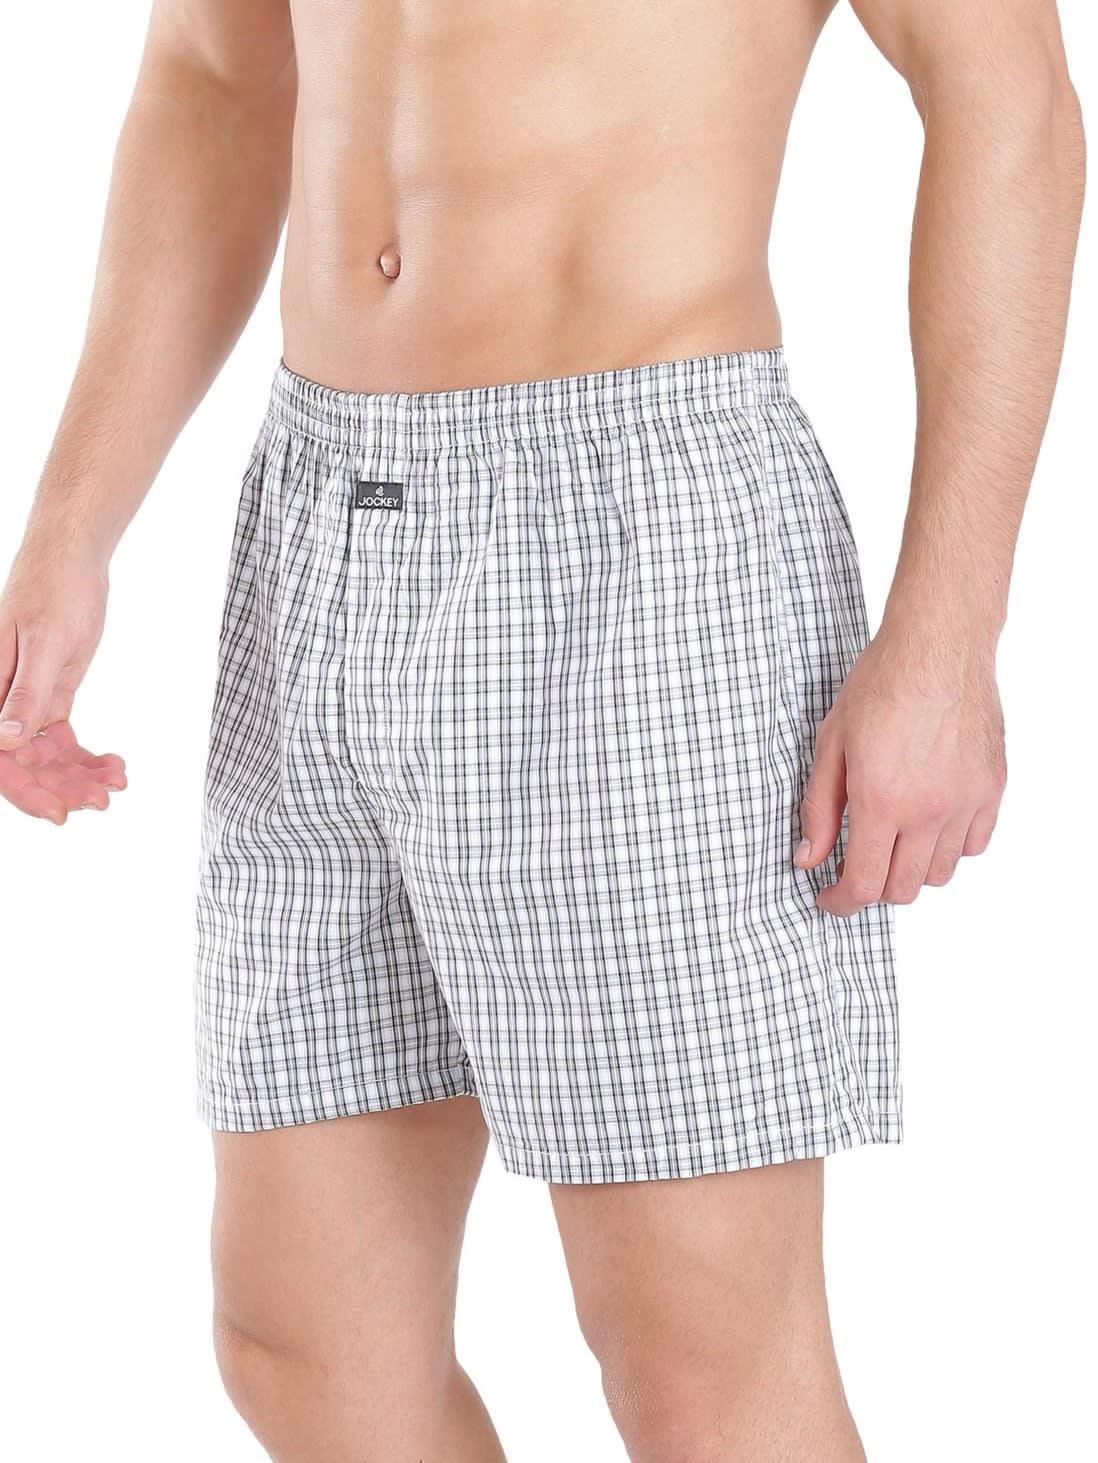 Jockey Men Outerwear Bottoms Light Assorted Checks Boxer Shorts